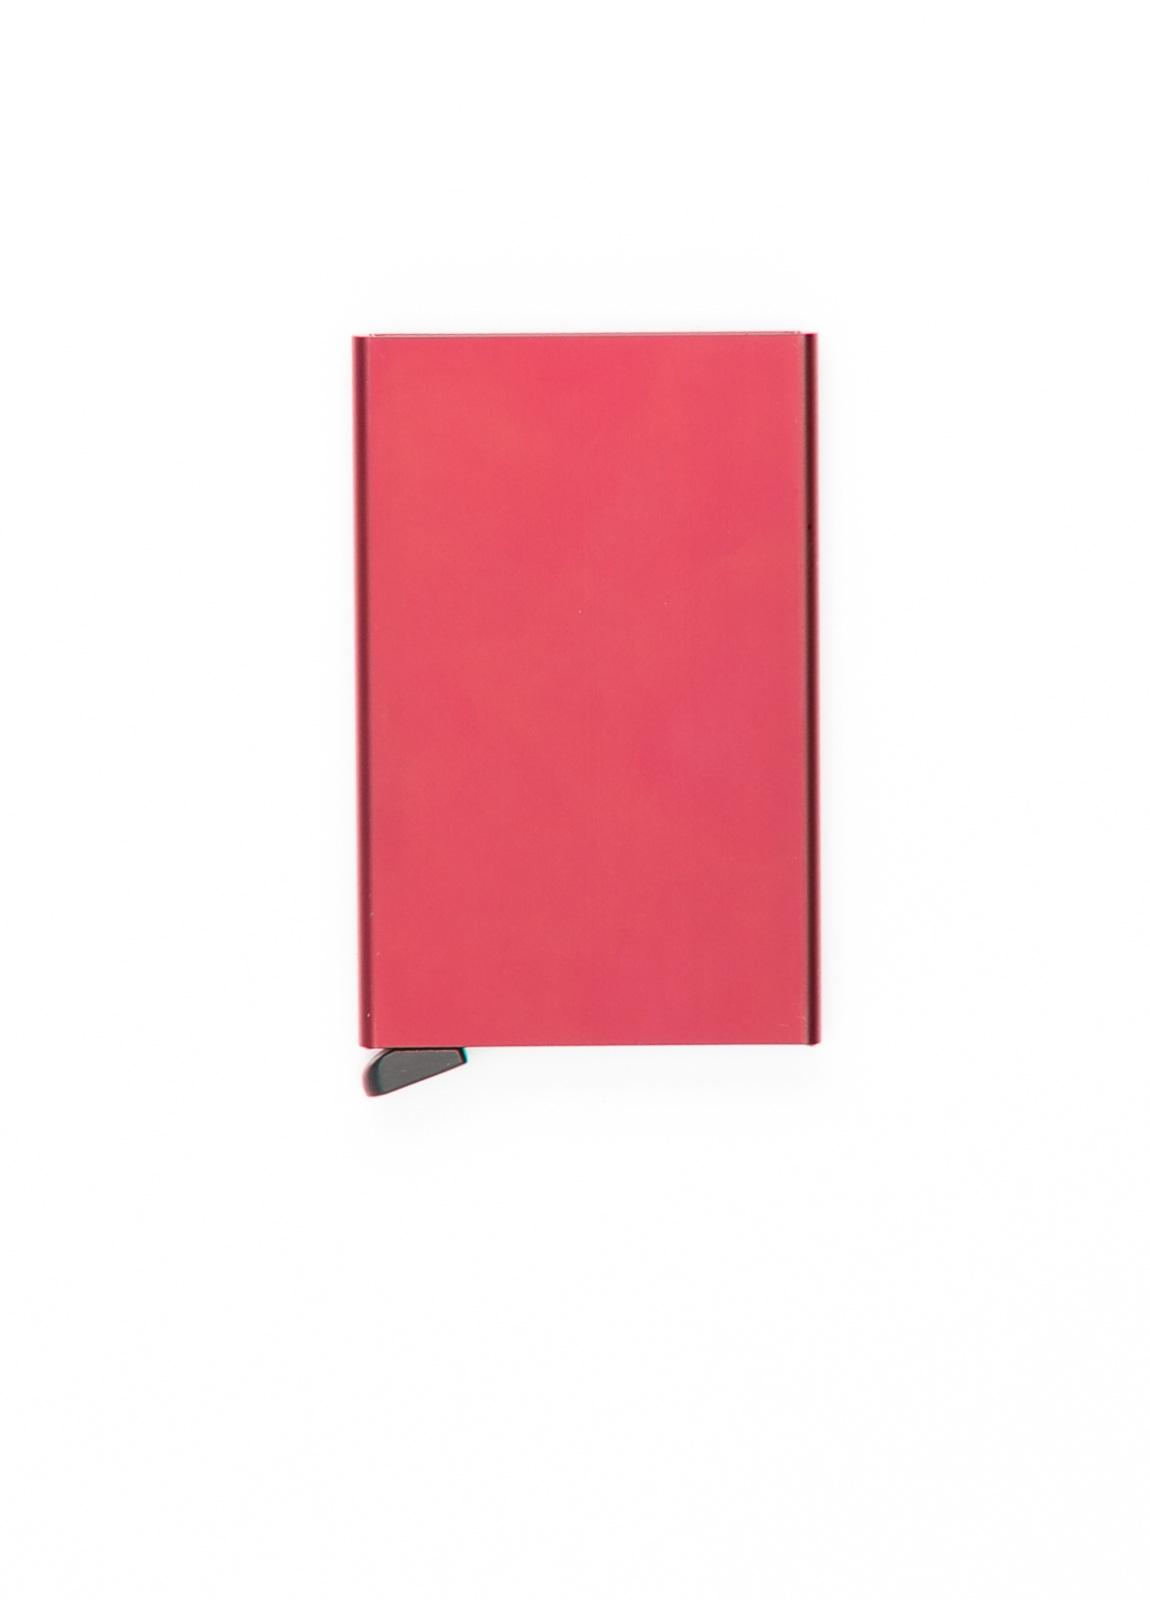 Secrid slim wallet con cardprotector de aluminio ultrafino, color burdeos